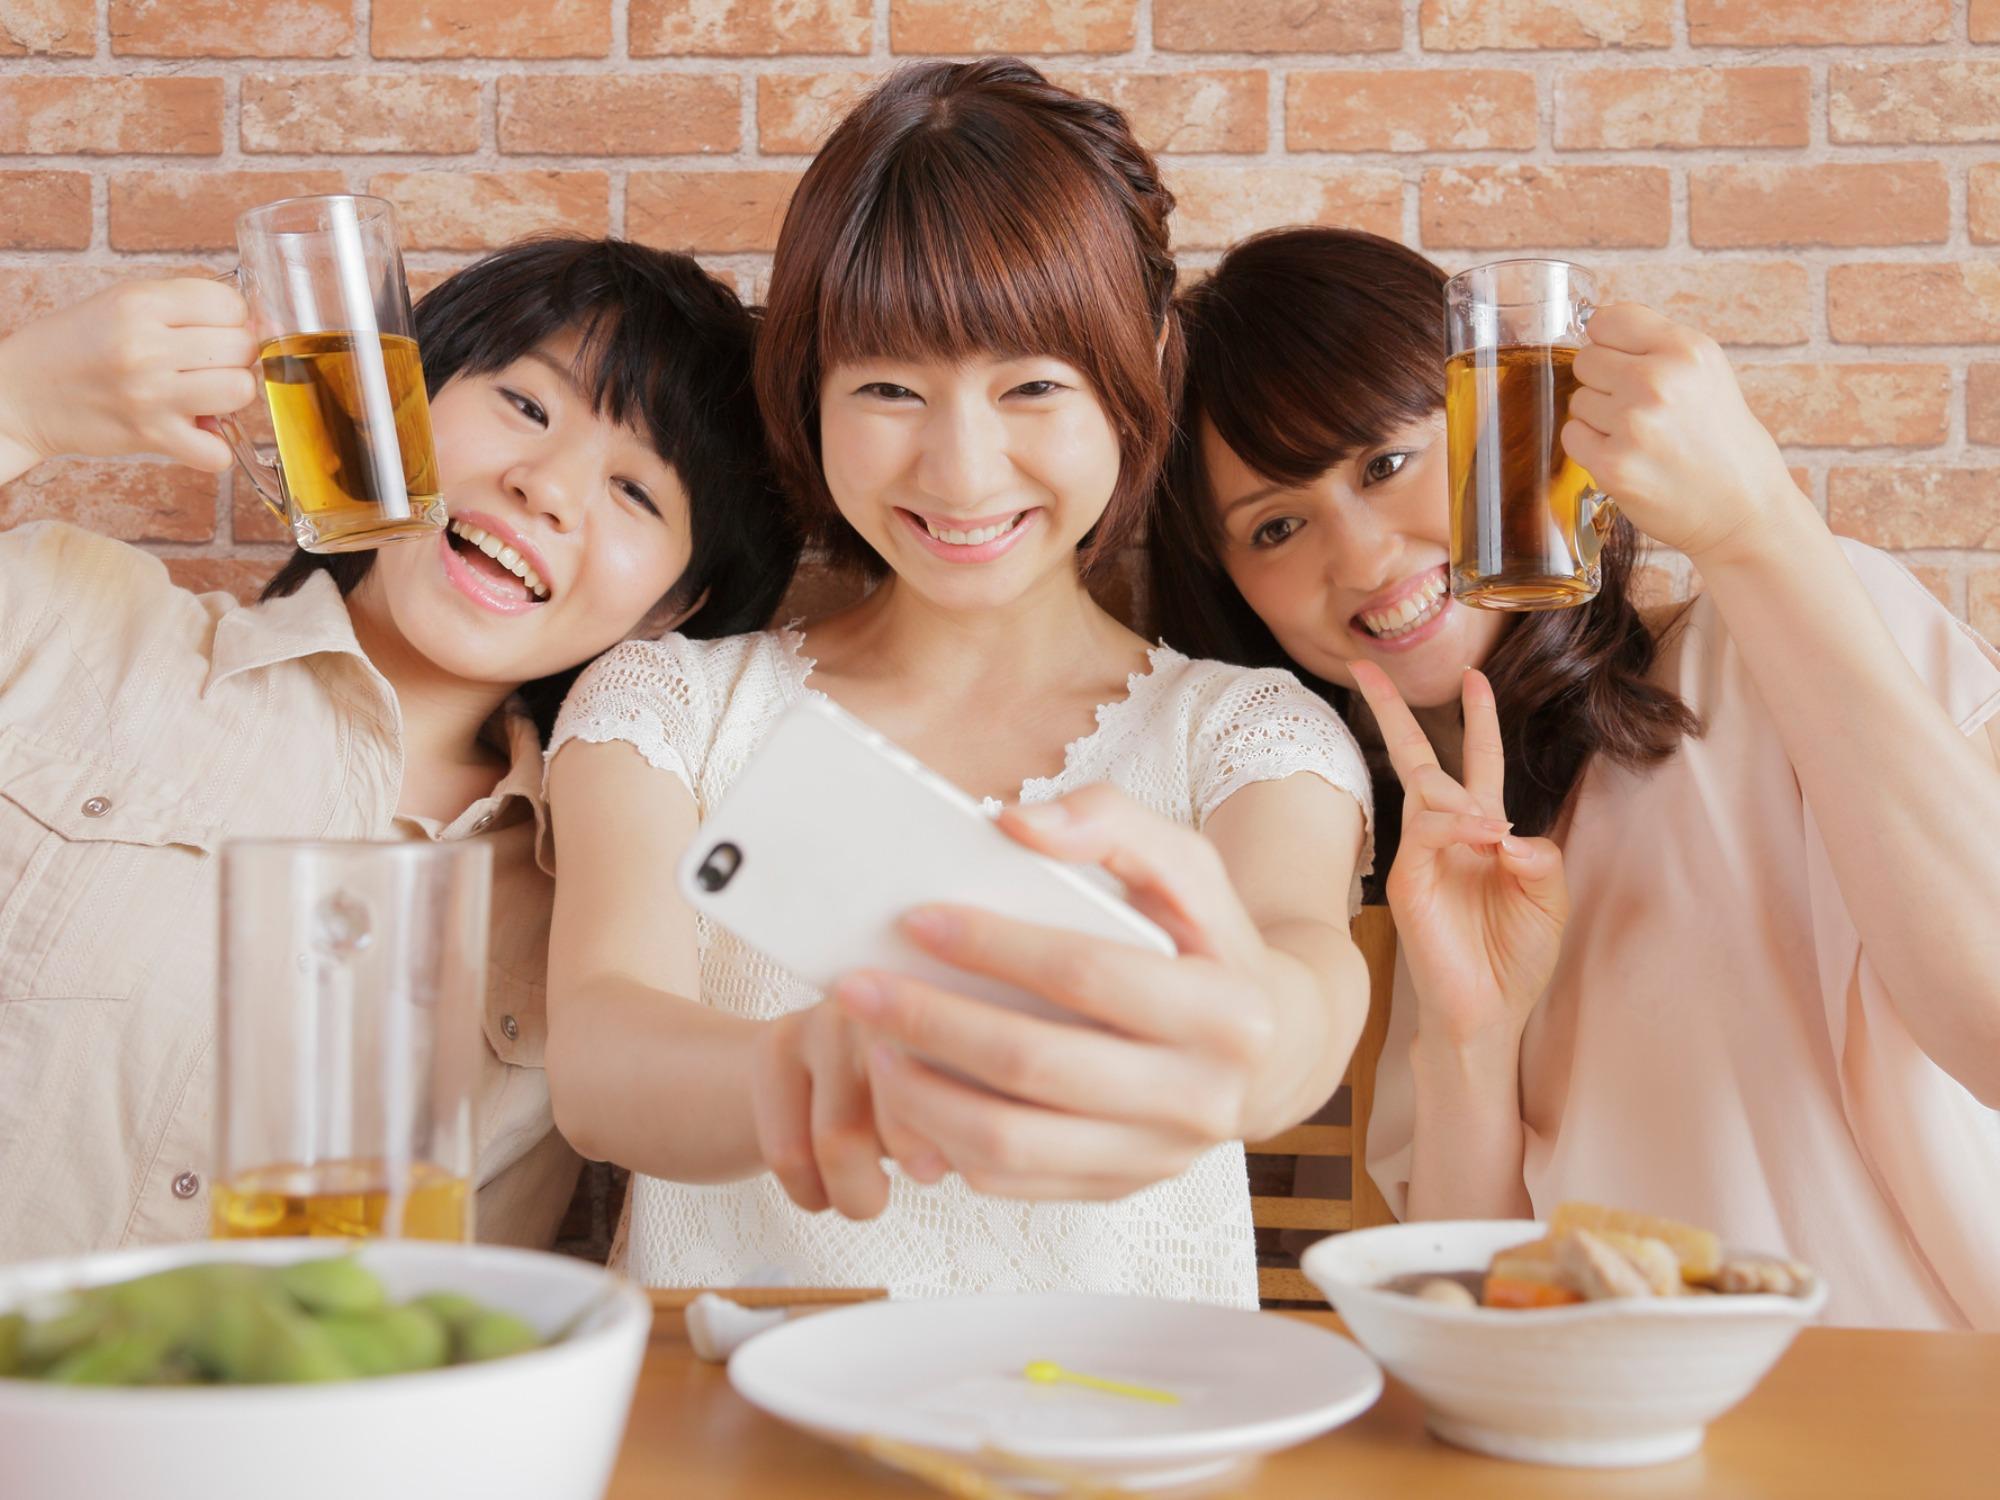 集客でお困りの飲食店(カフェ・バー・居酒屋)様に最適。東京渋谷で人気の占い館「婚活もできる占い館BCAFE(ビーカフェ)渋谷店」との費用0円の業務提携を一度試してみては?